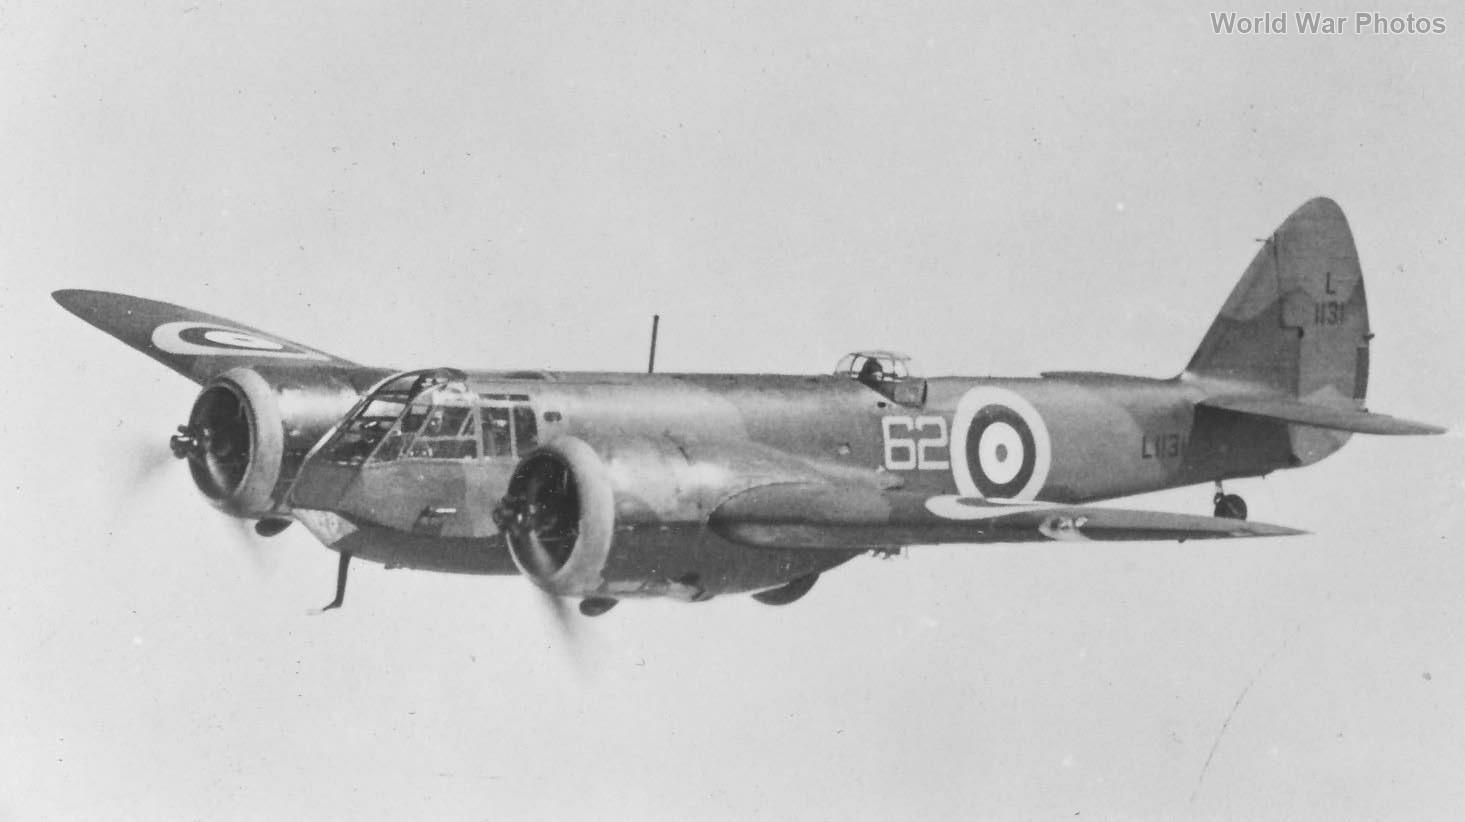 Bristol Blenheim I 62